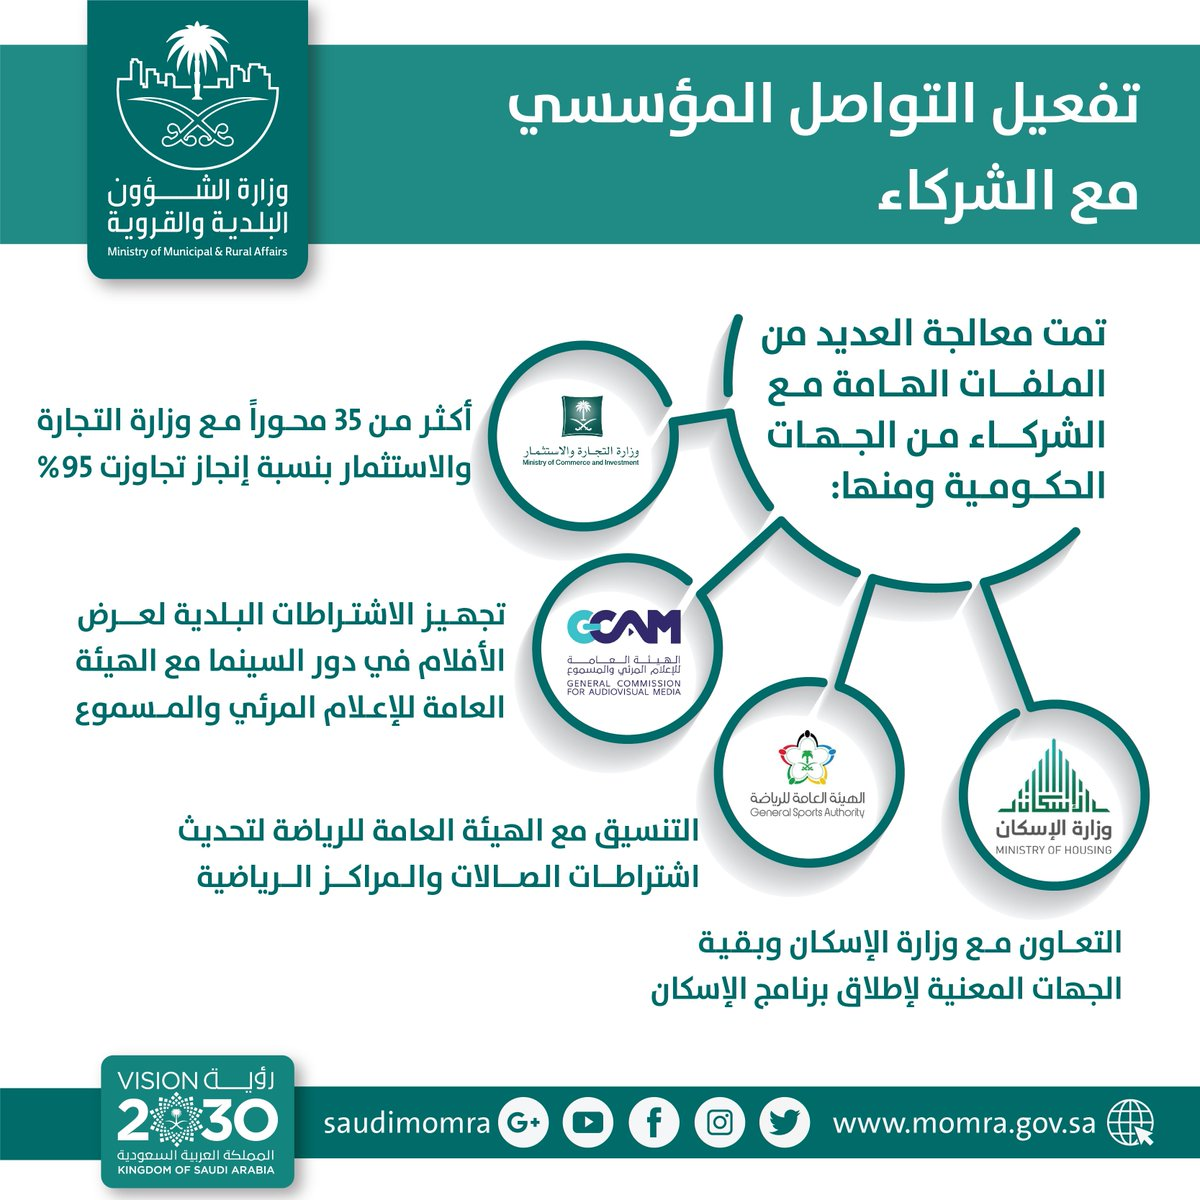 وزارة الشؤون البلدية والقروية No Twitter